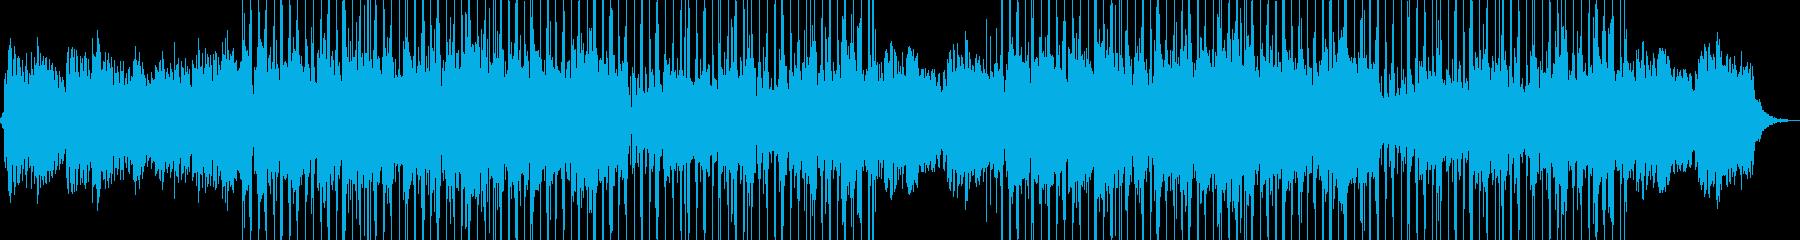 ファンキーでダウンテンポなグルーヴ...の再生済みの波形